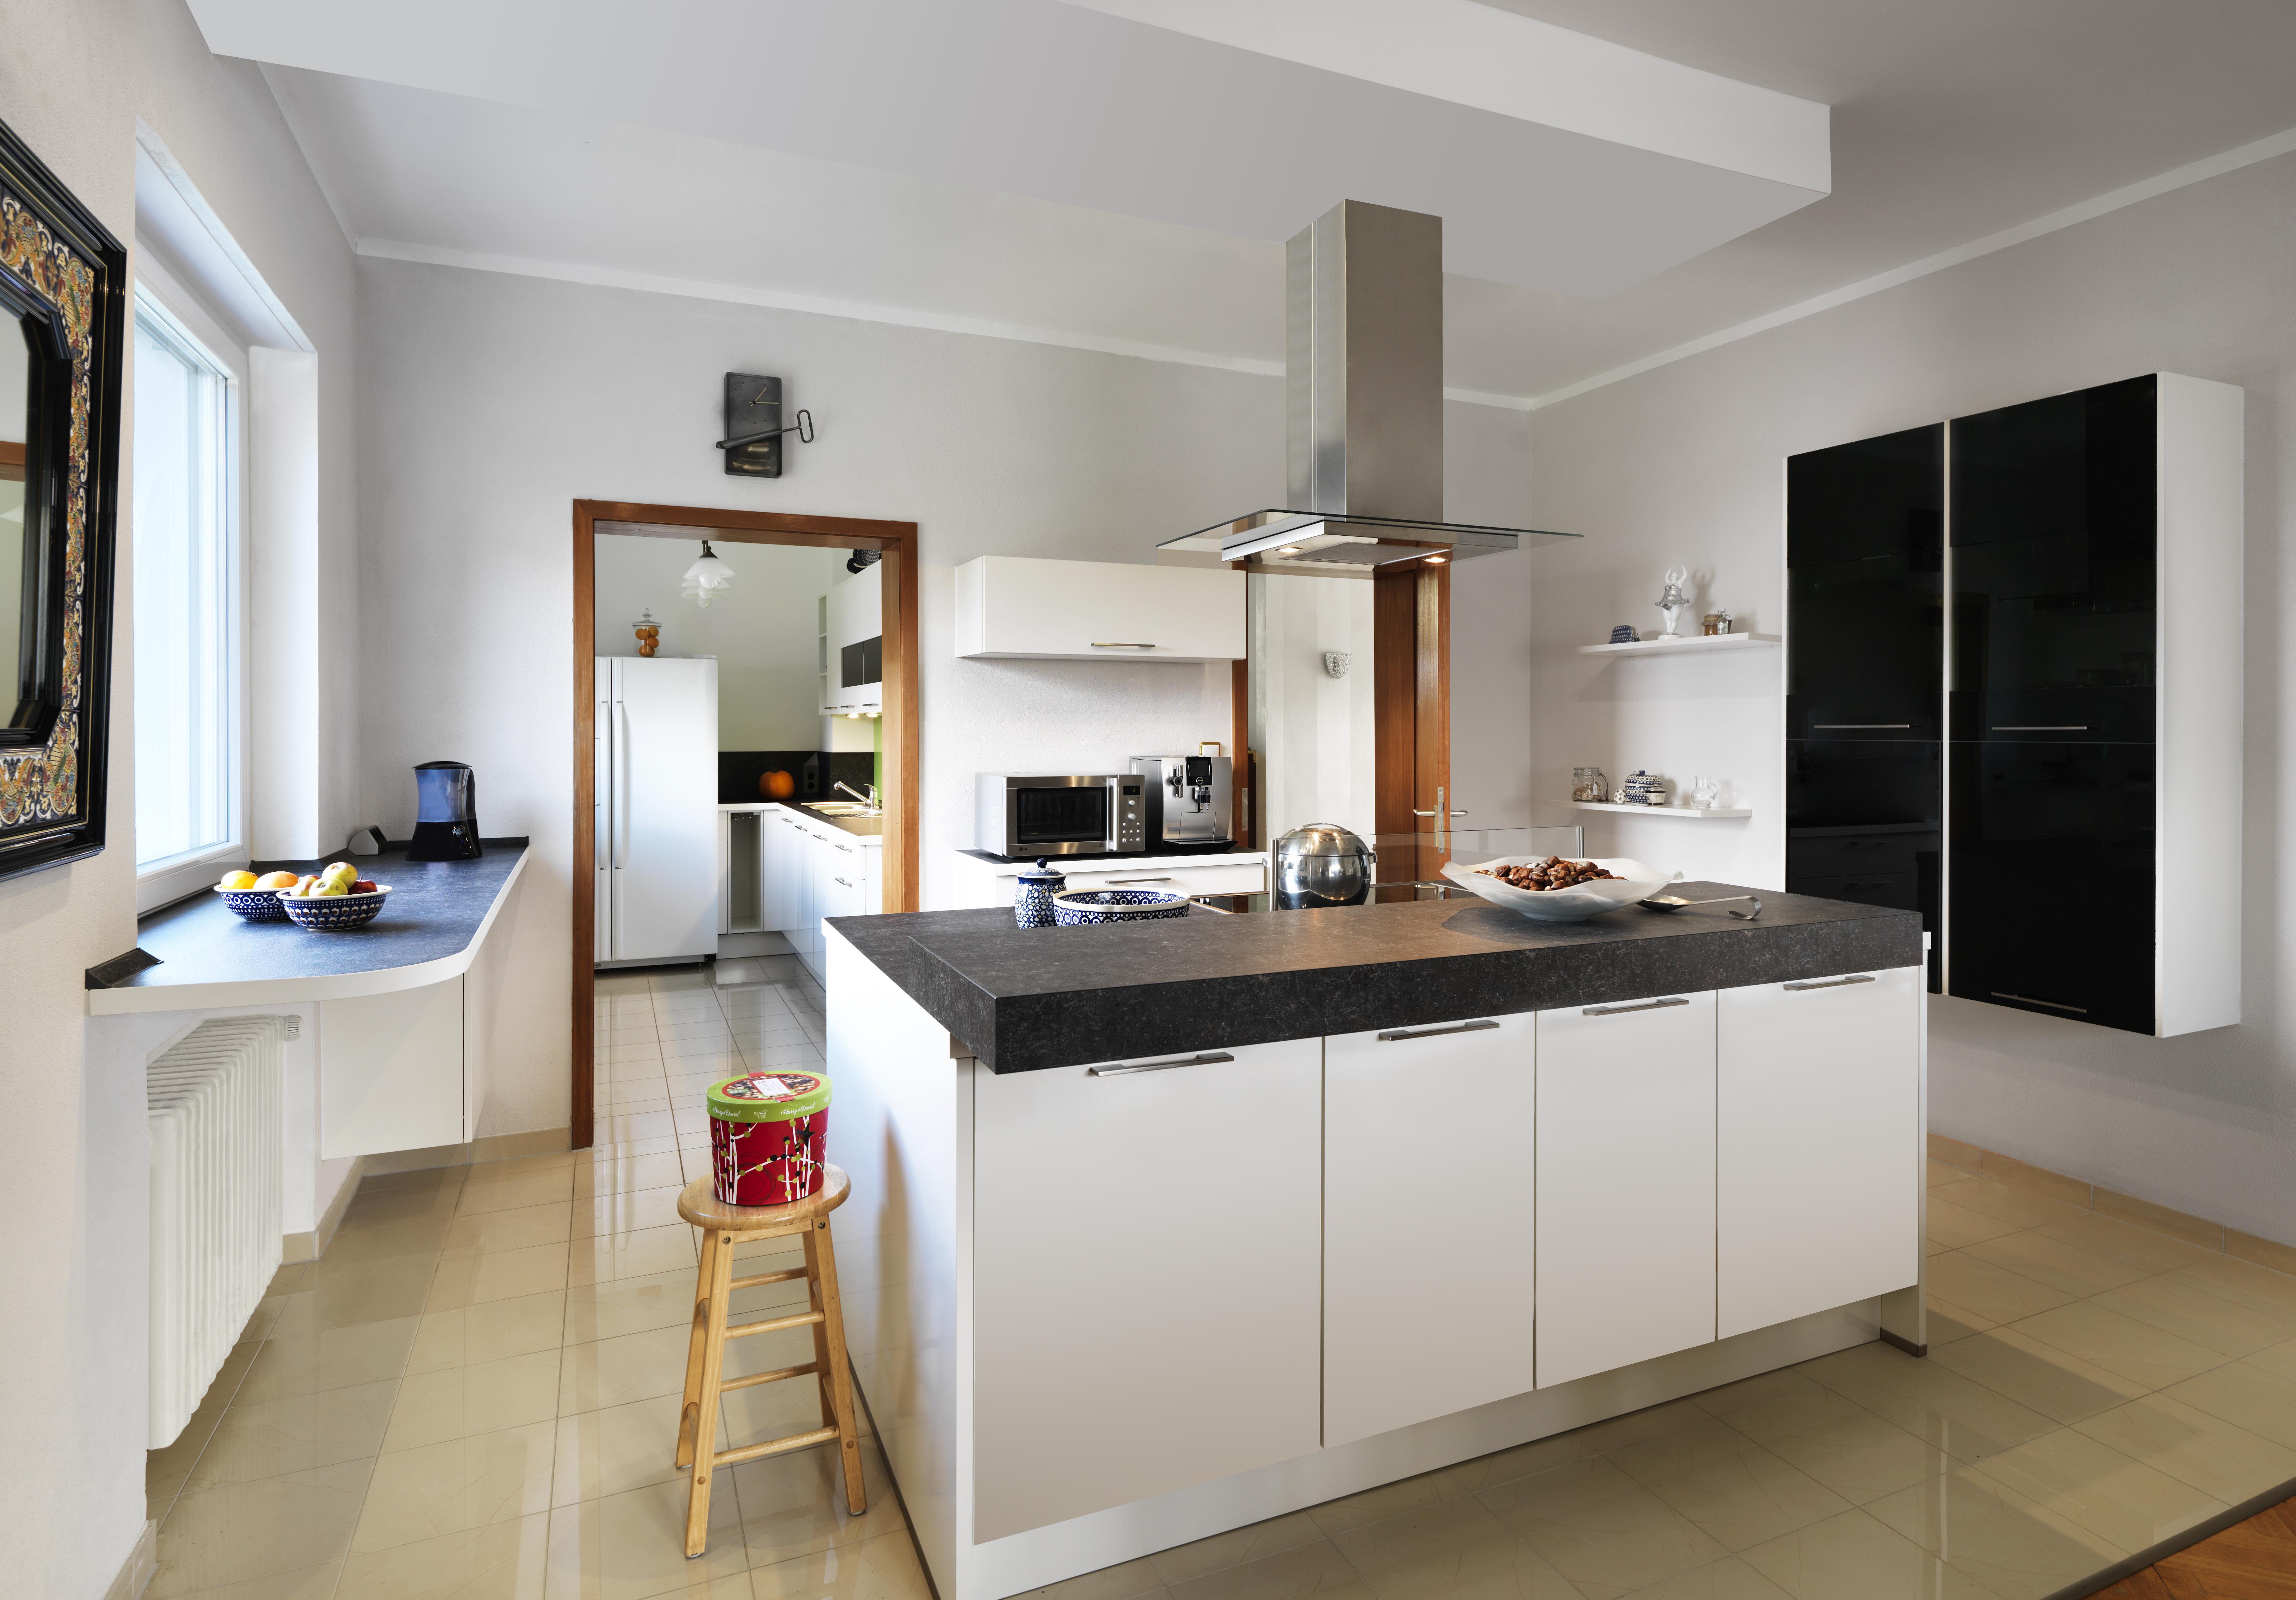 Küchengeschichte Und Kitchenstory Vom Küchenstudio Amberg – Tintnwrap